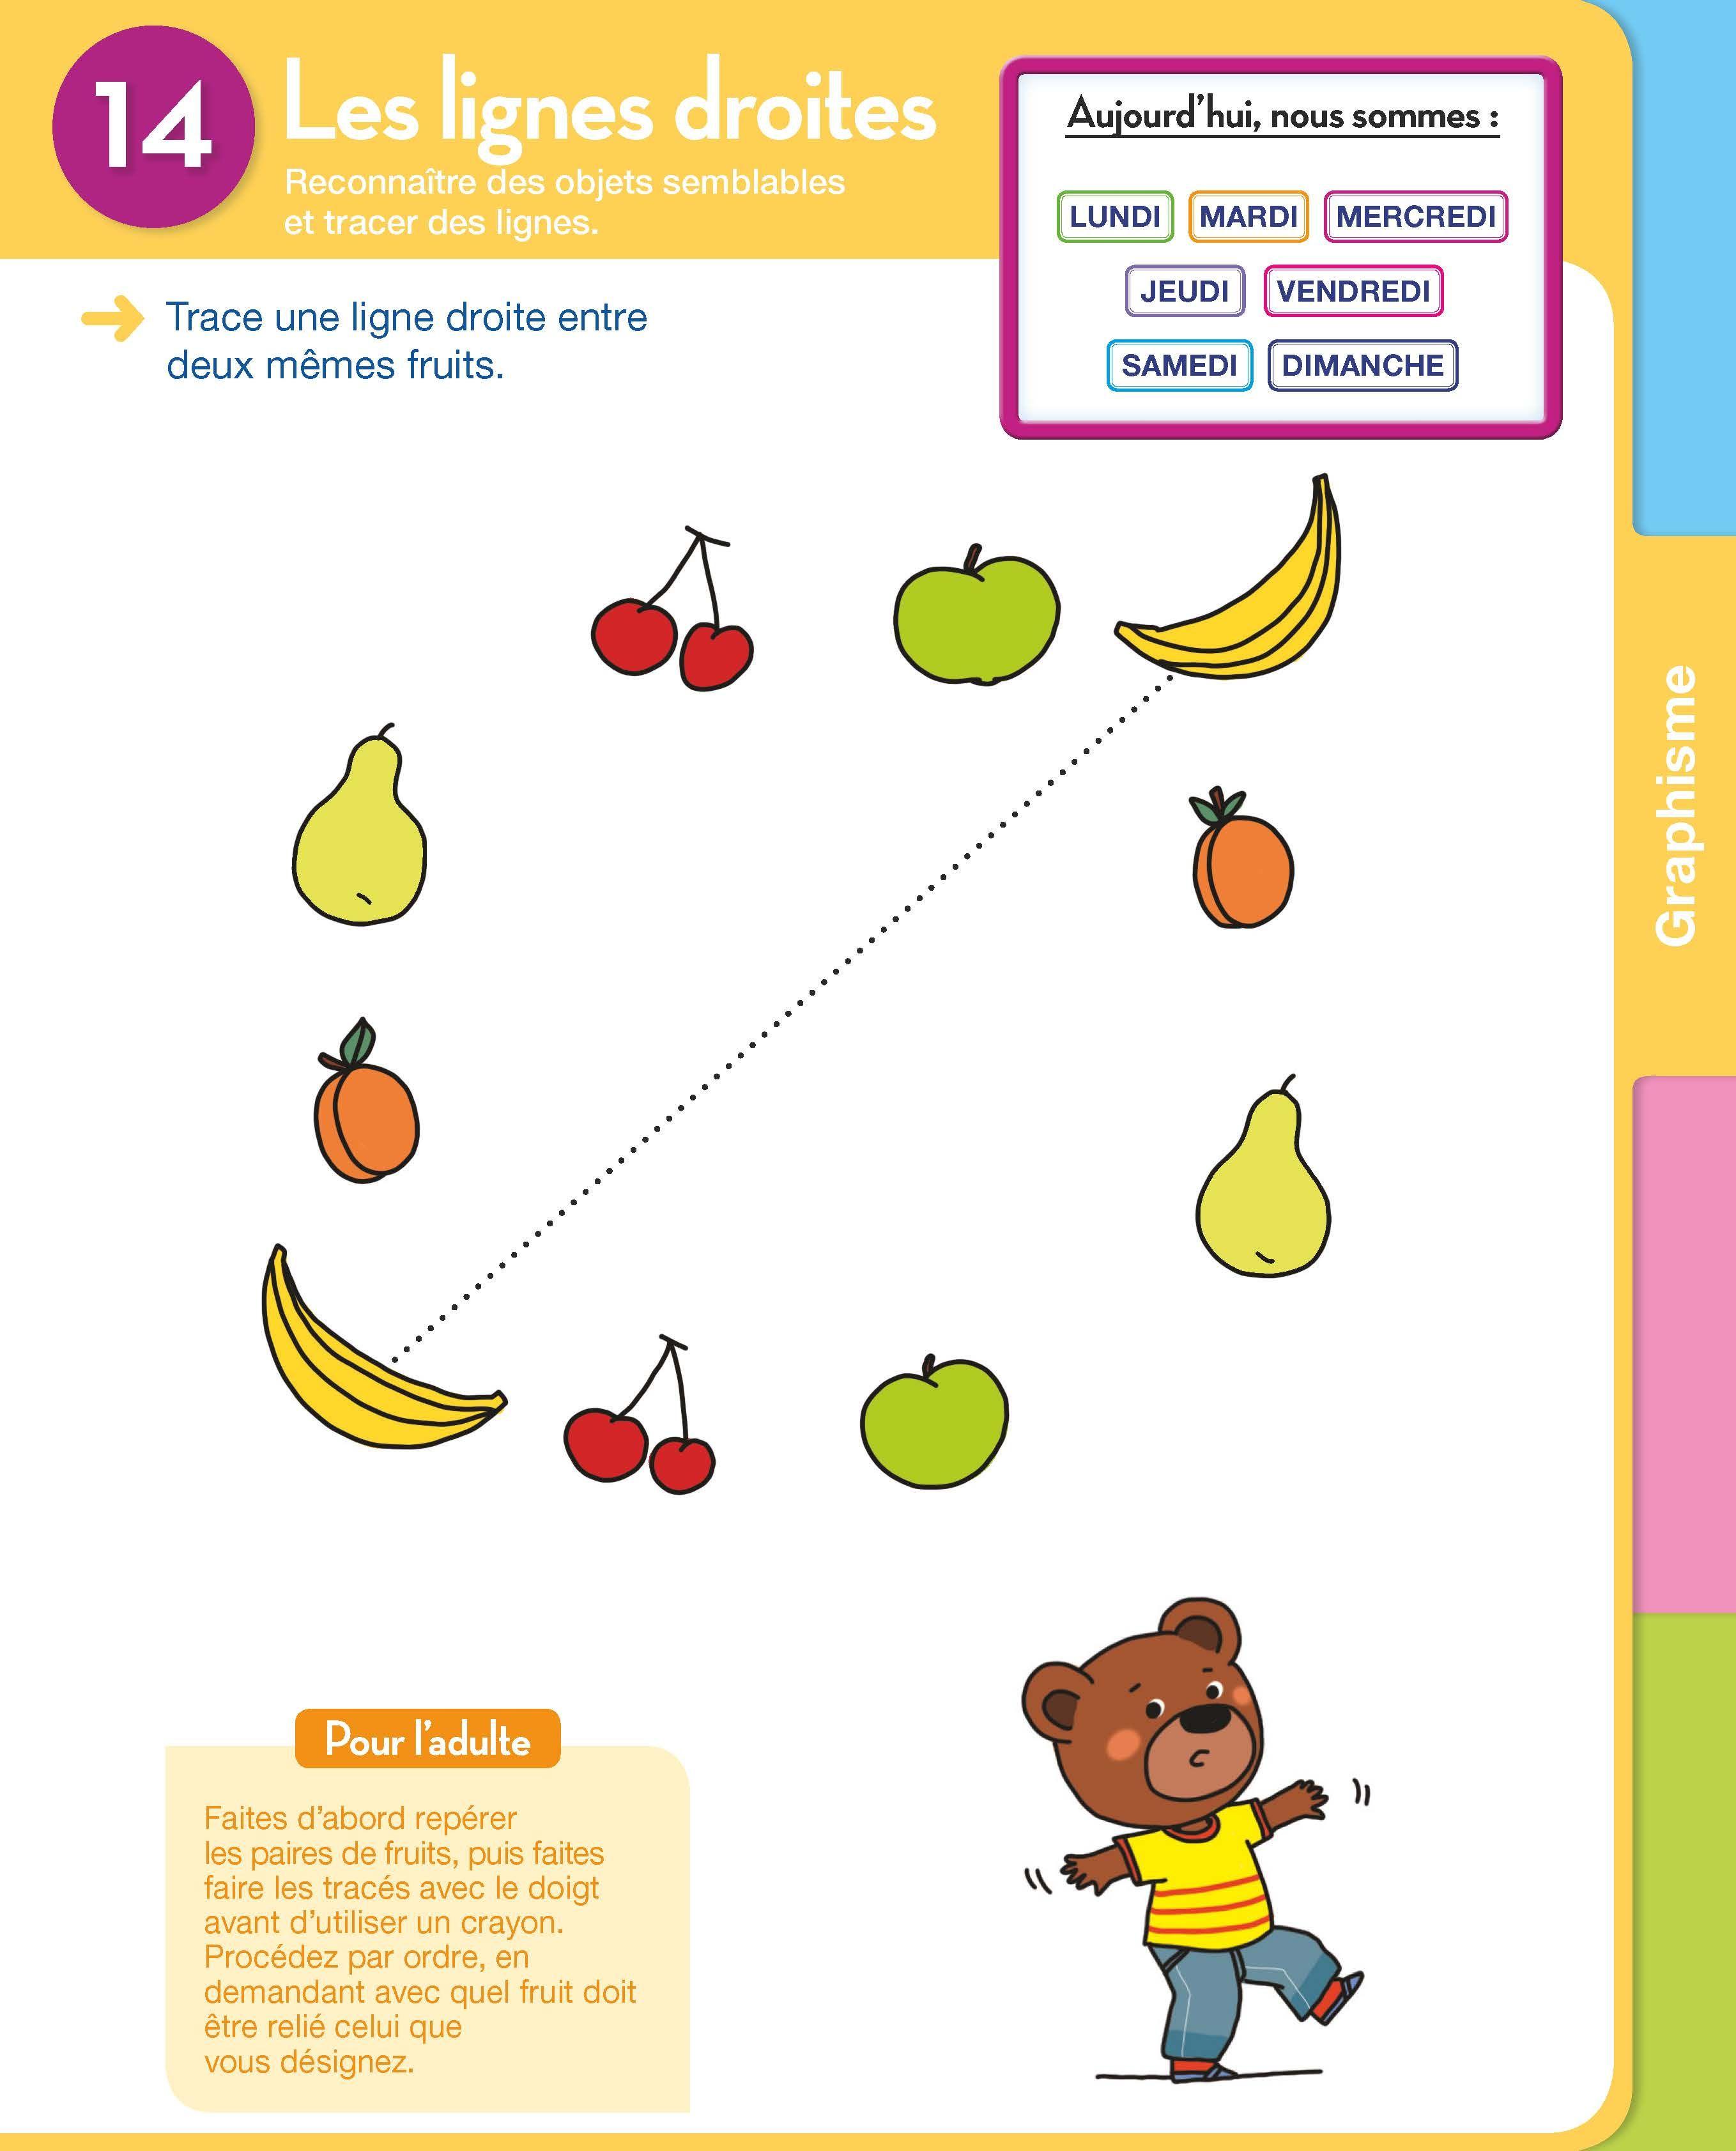 Image agrandie: Les Lignes Droites Toute Ma Maternelle Destiné Jeux Educatif 3 Ans En Ligne